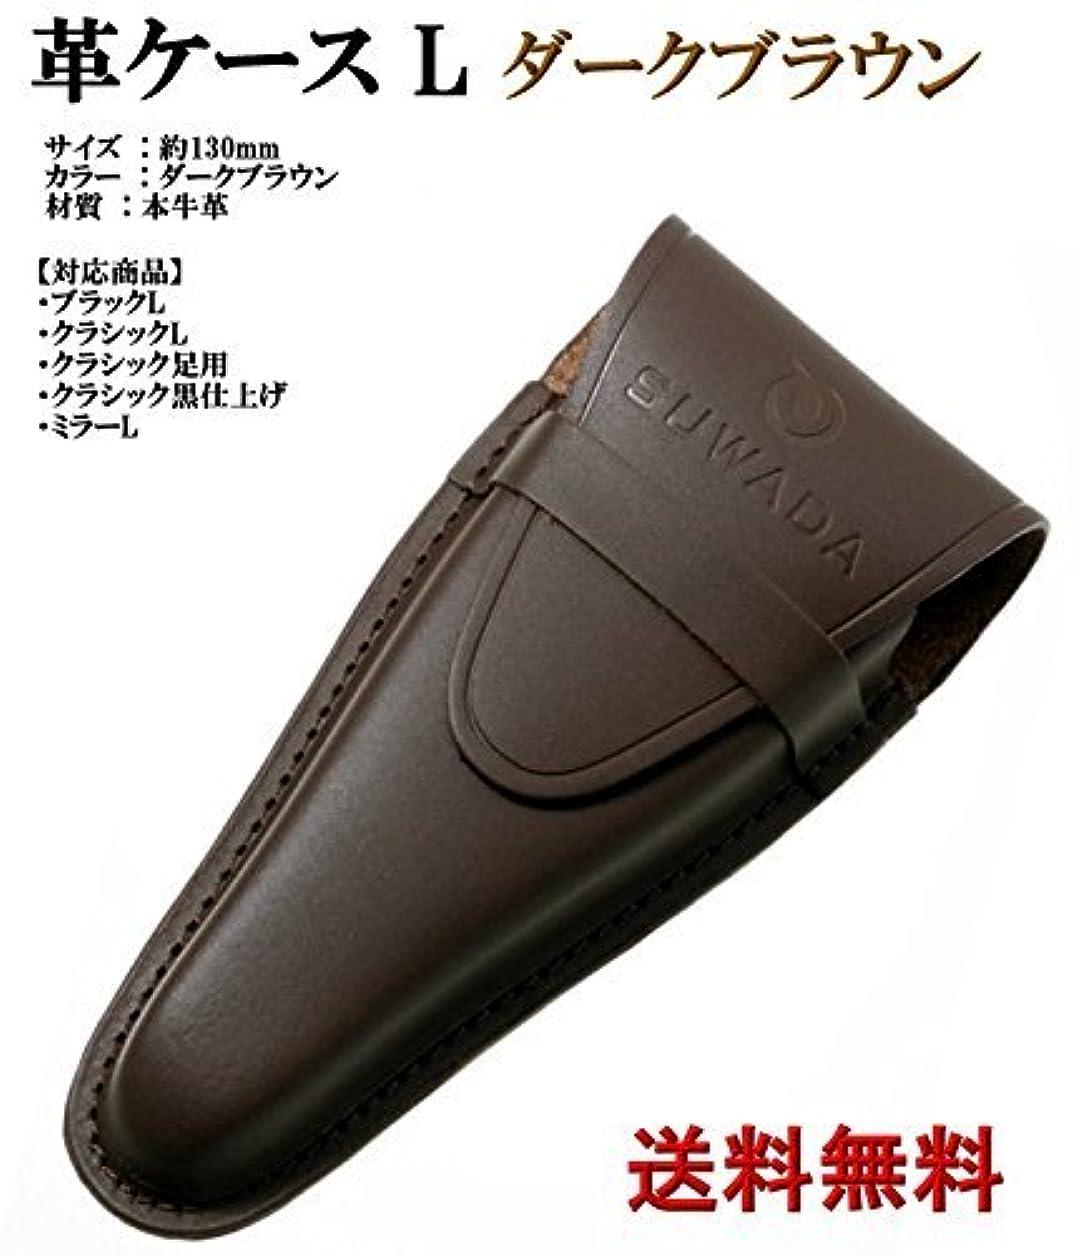 耐久学校ラリーベルモントSUWADA 爪きり用本革ケースL